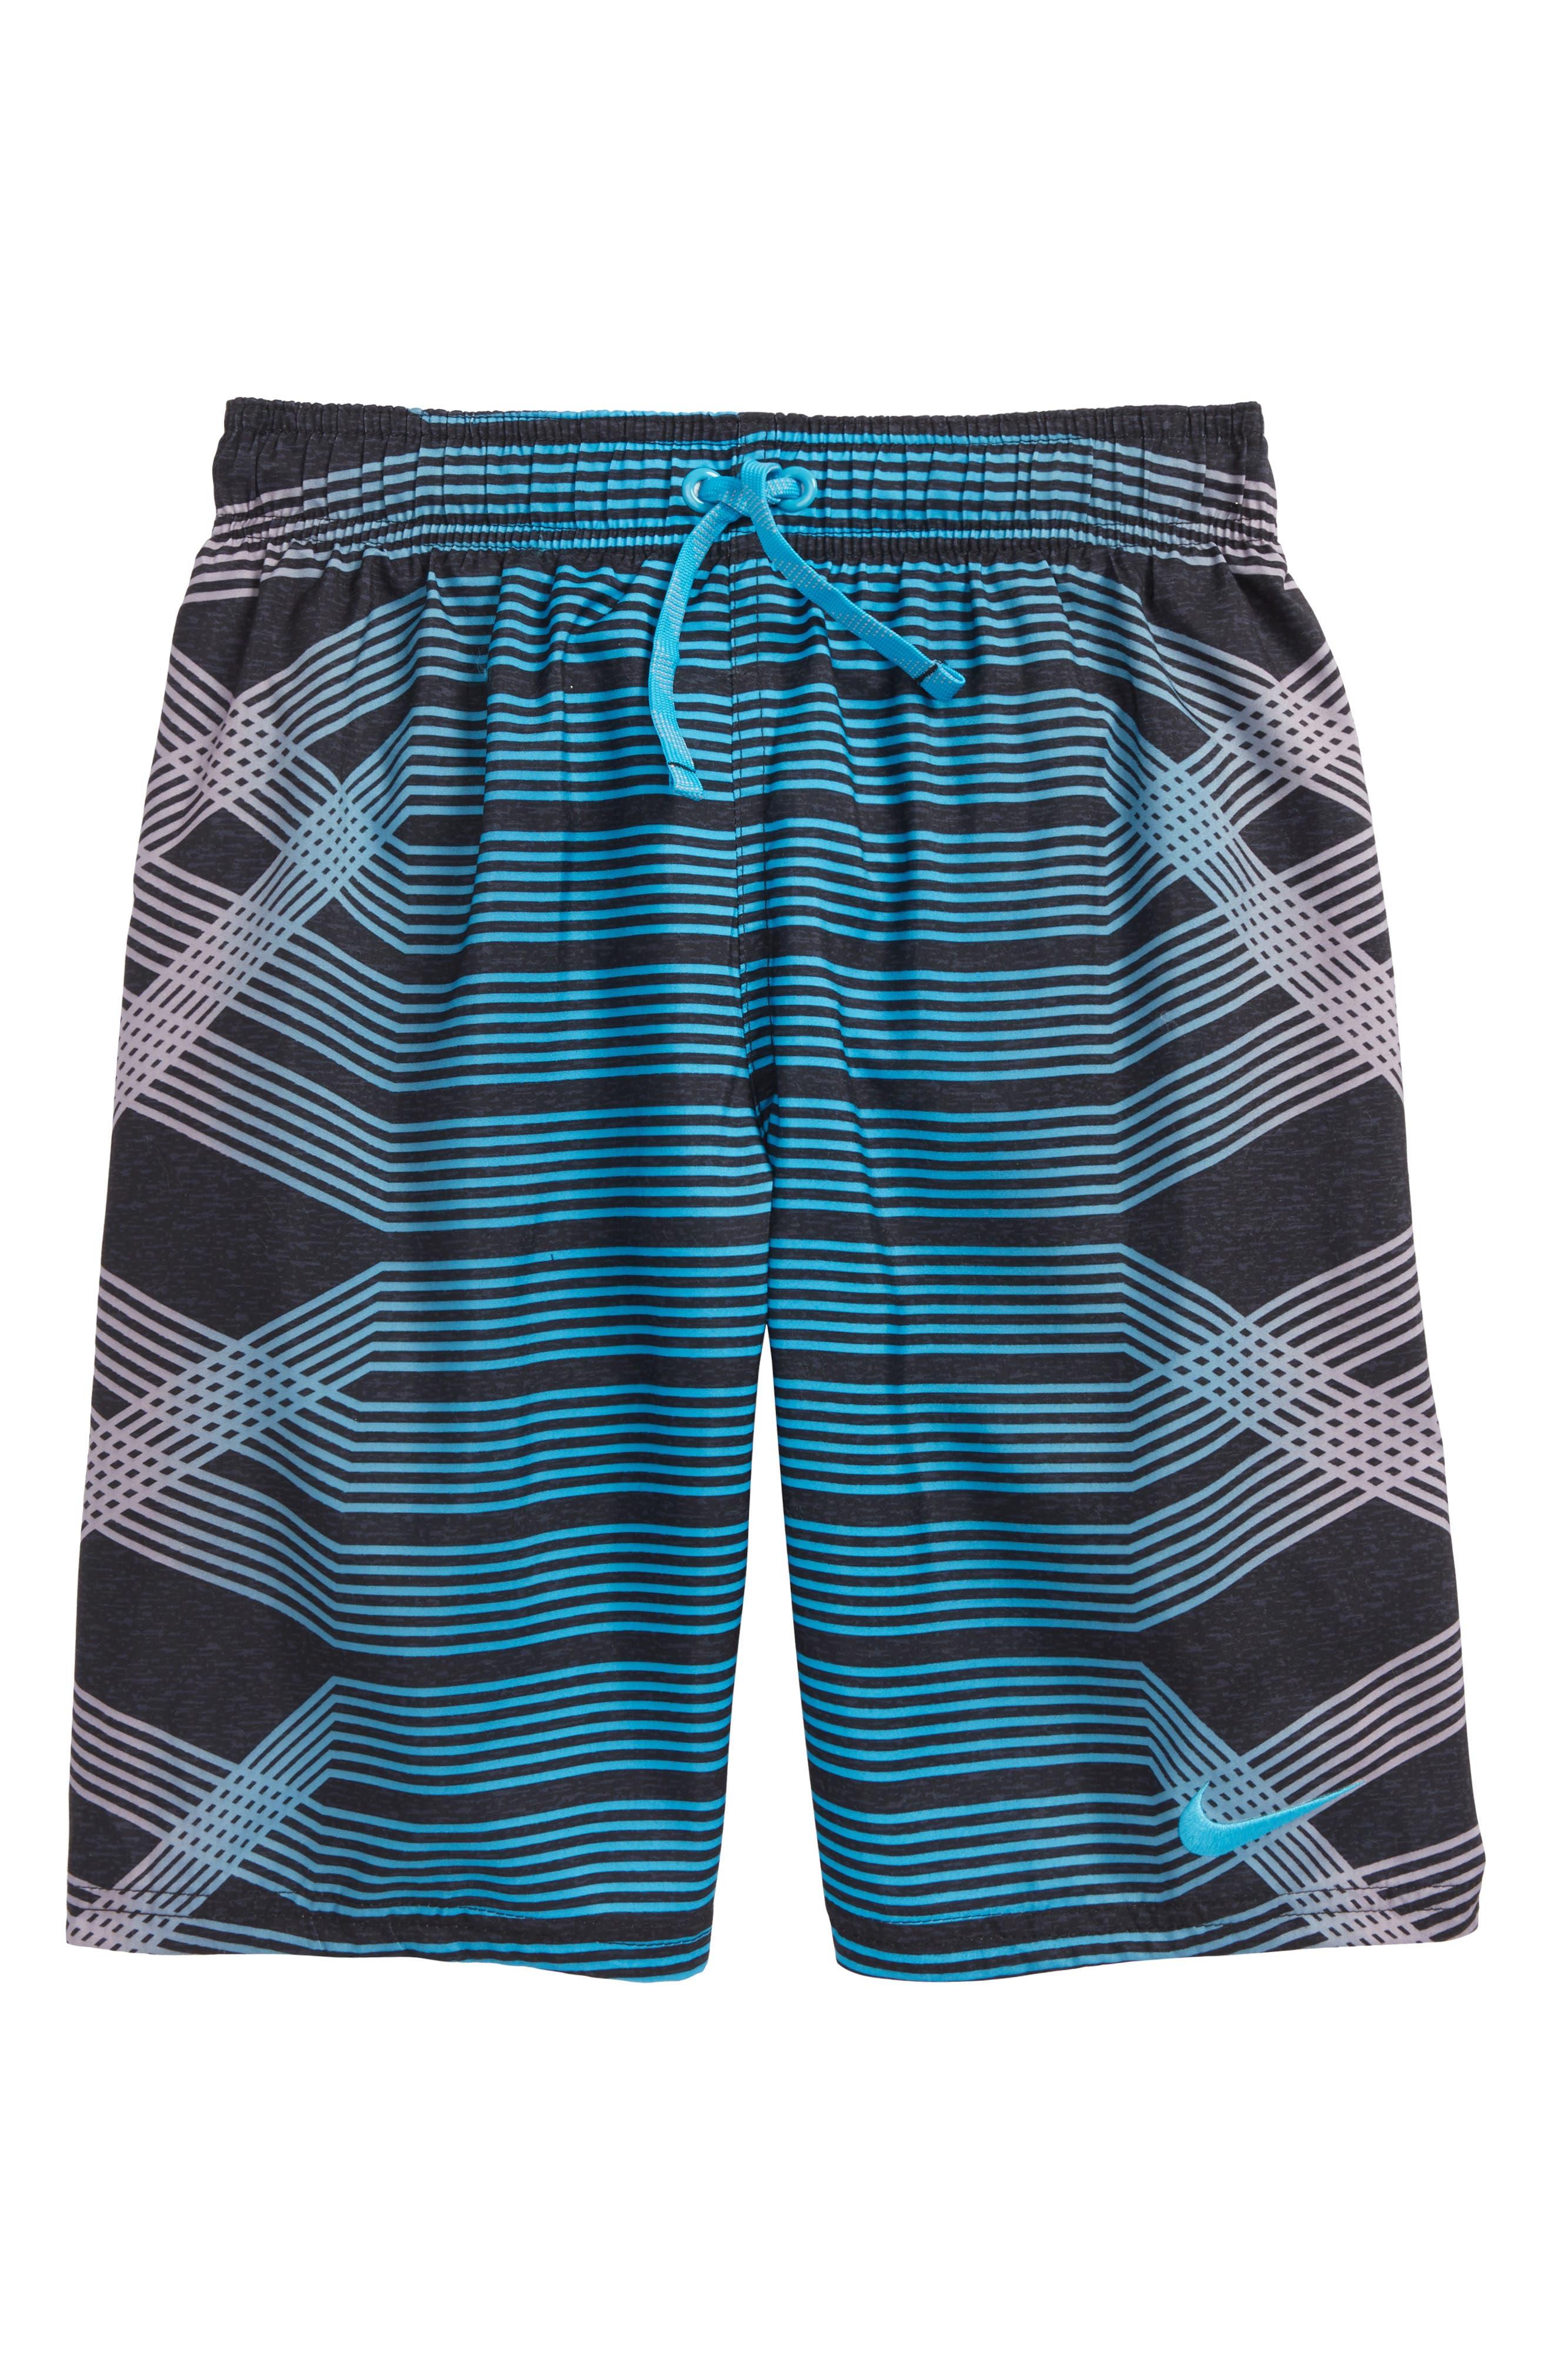 Breaker Volley Shorts,                             Main thumbnail 1, color,                             430